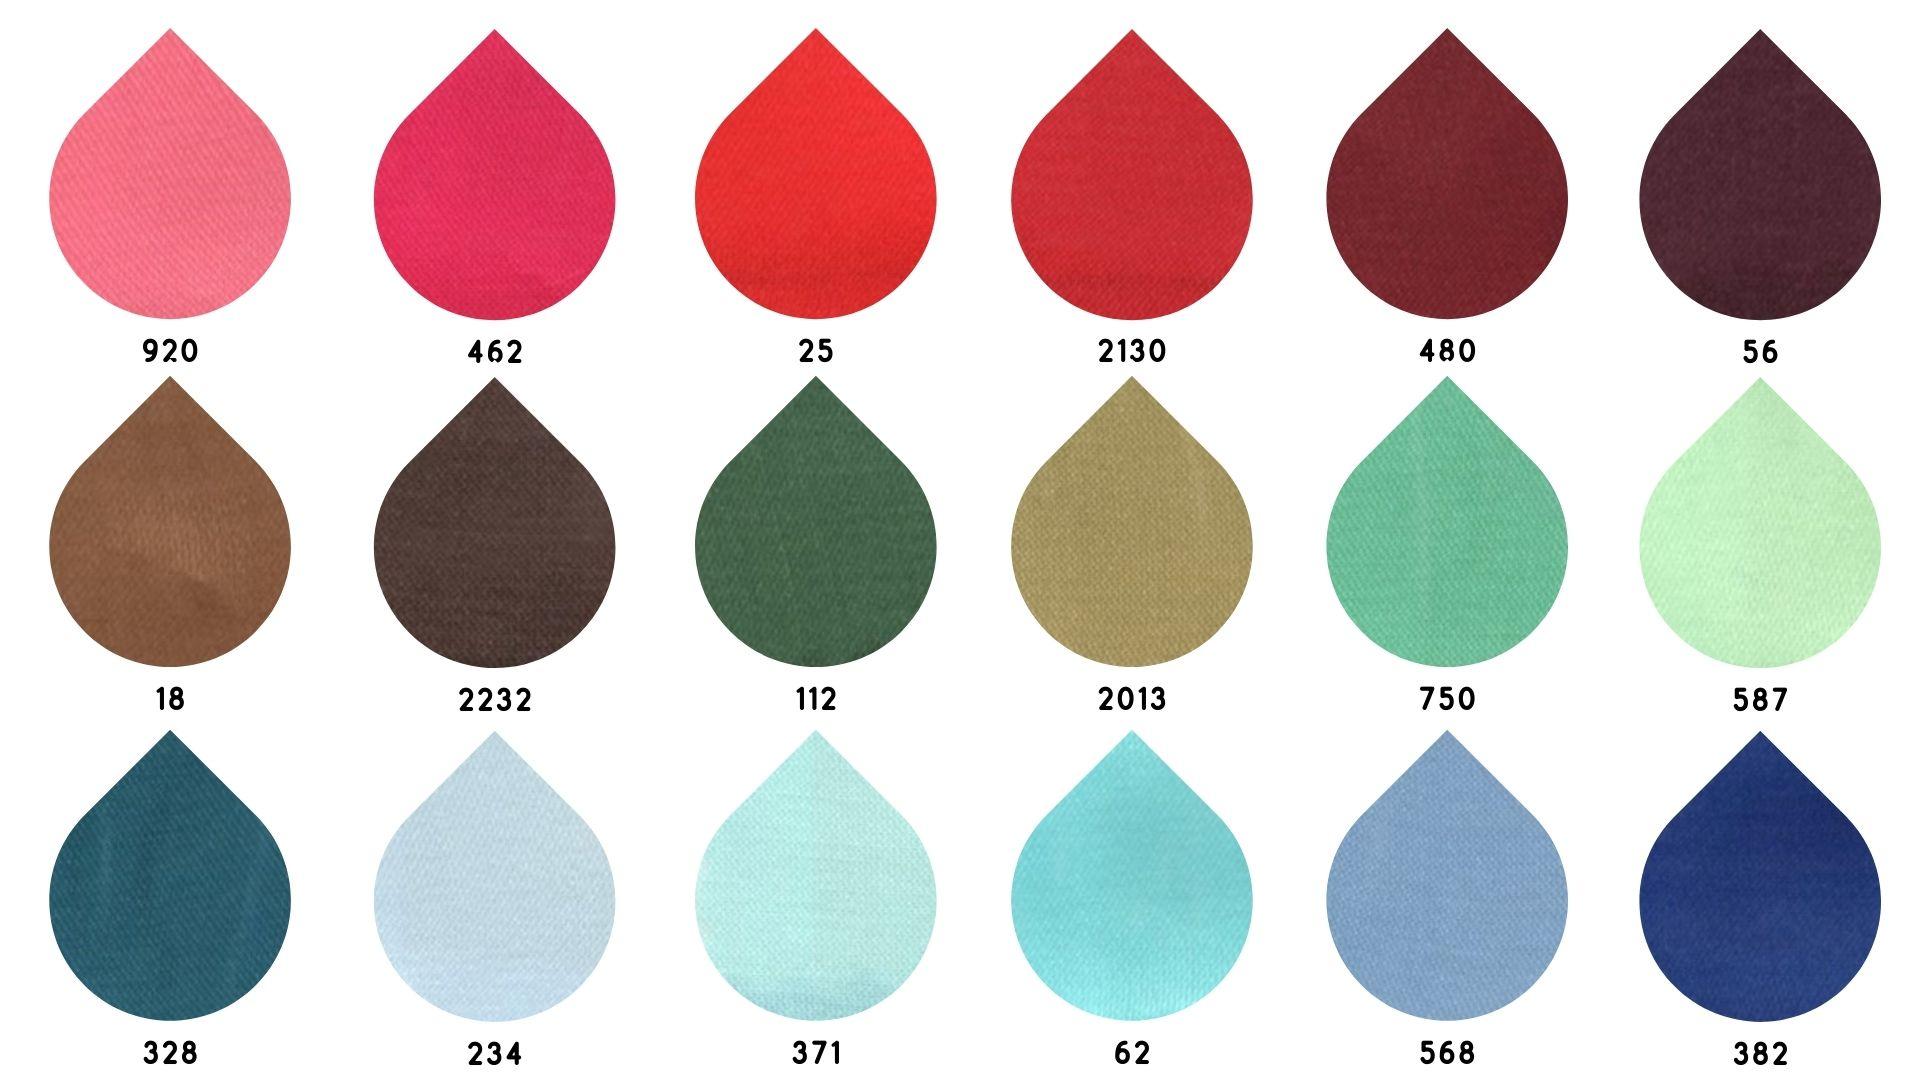 la cartella colore del tessuto 6522 di Leadford & Logan